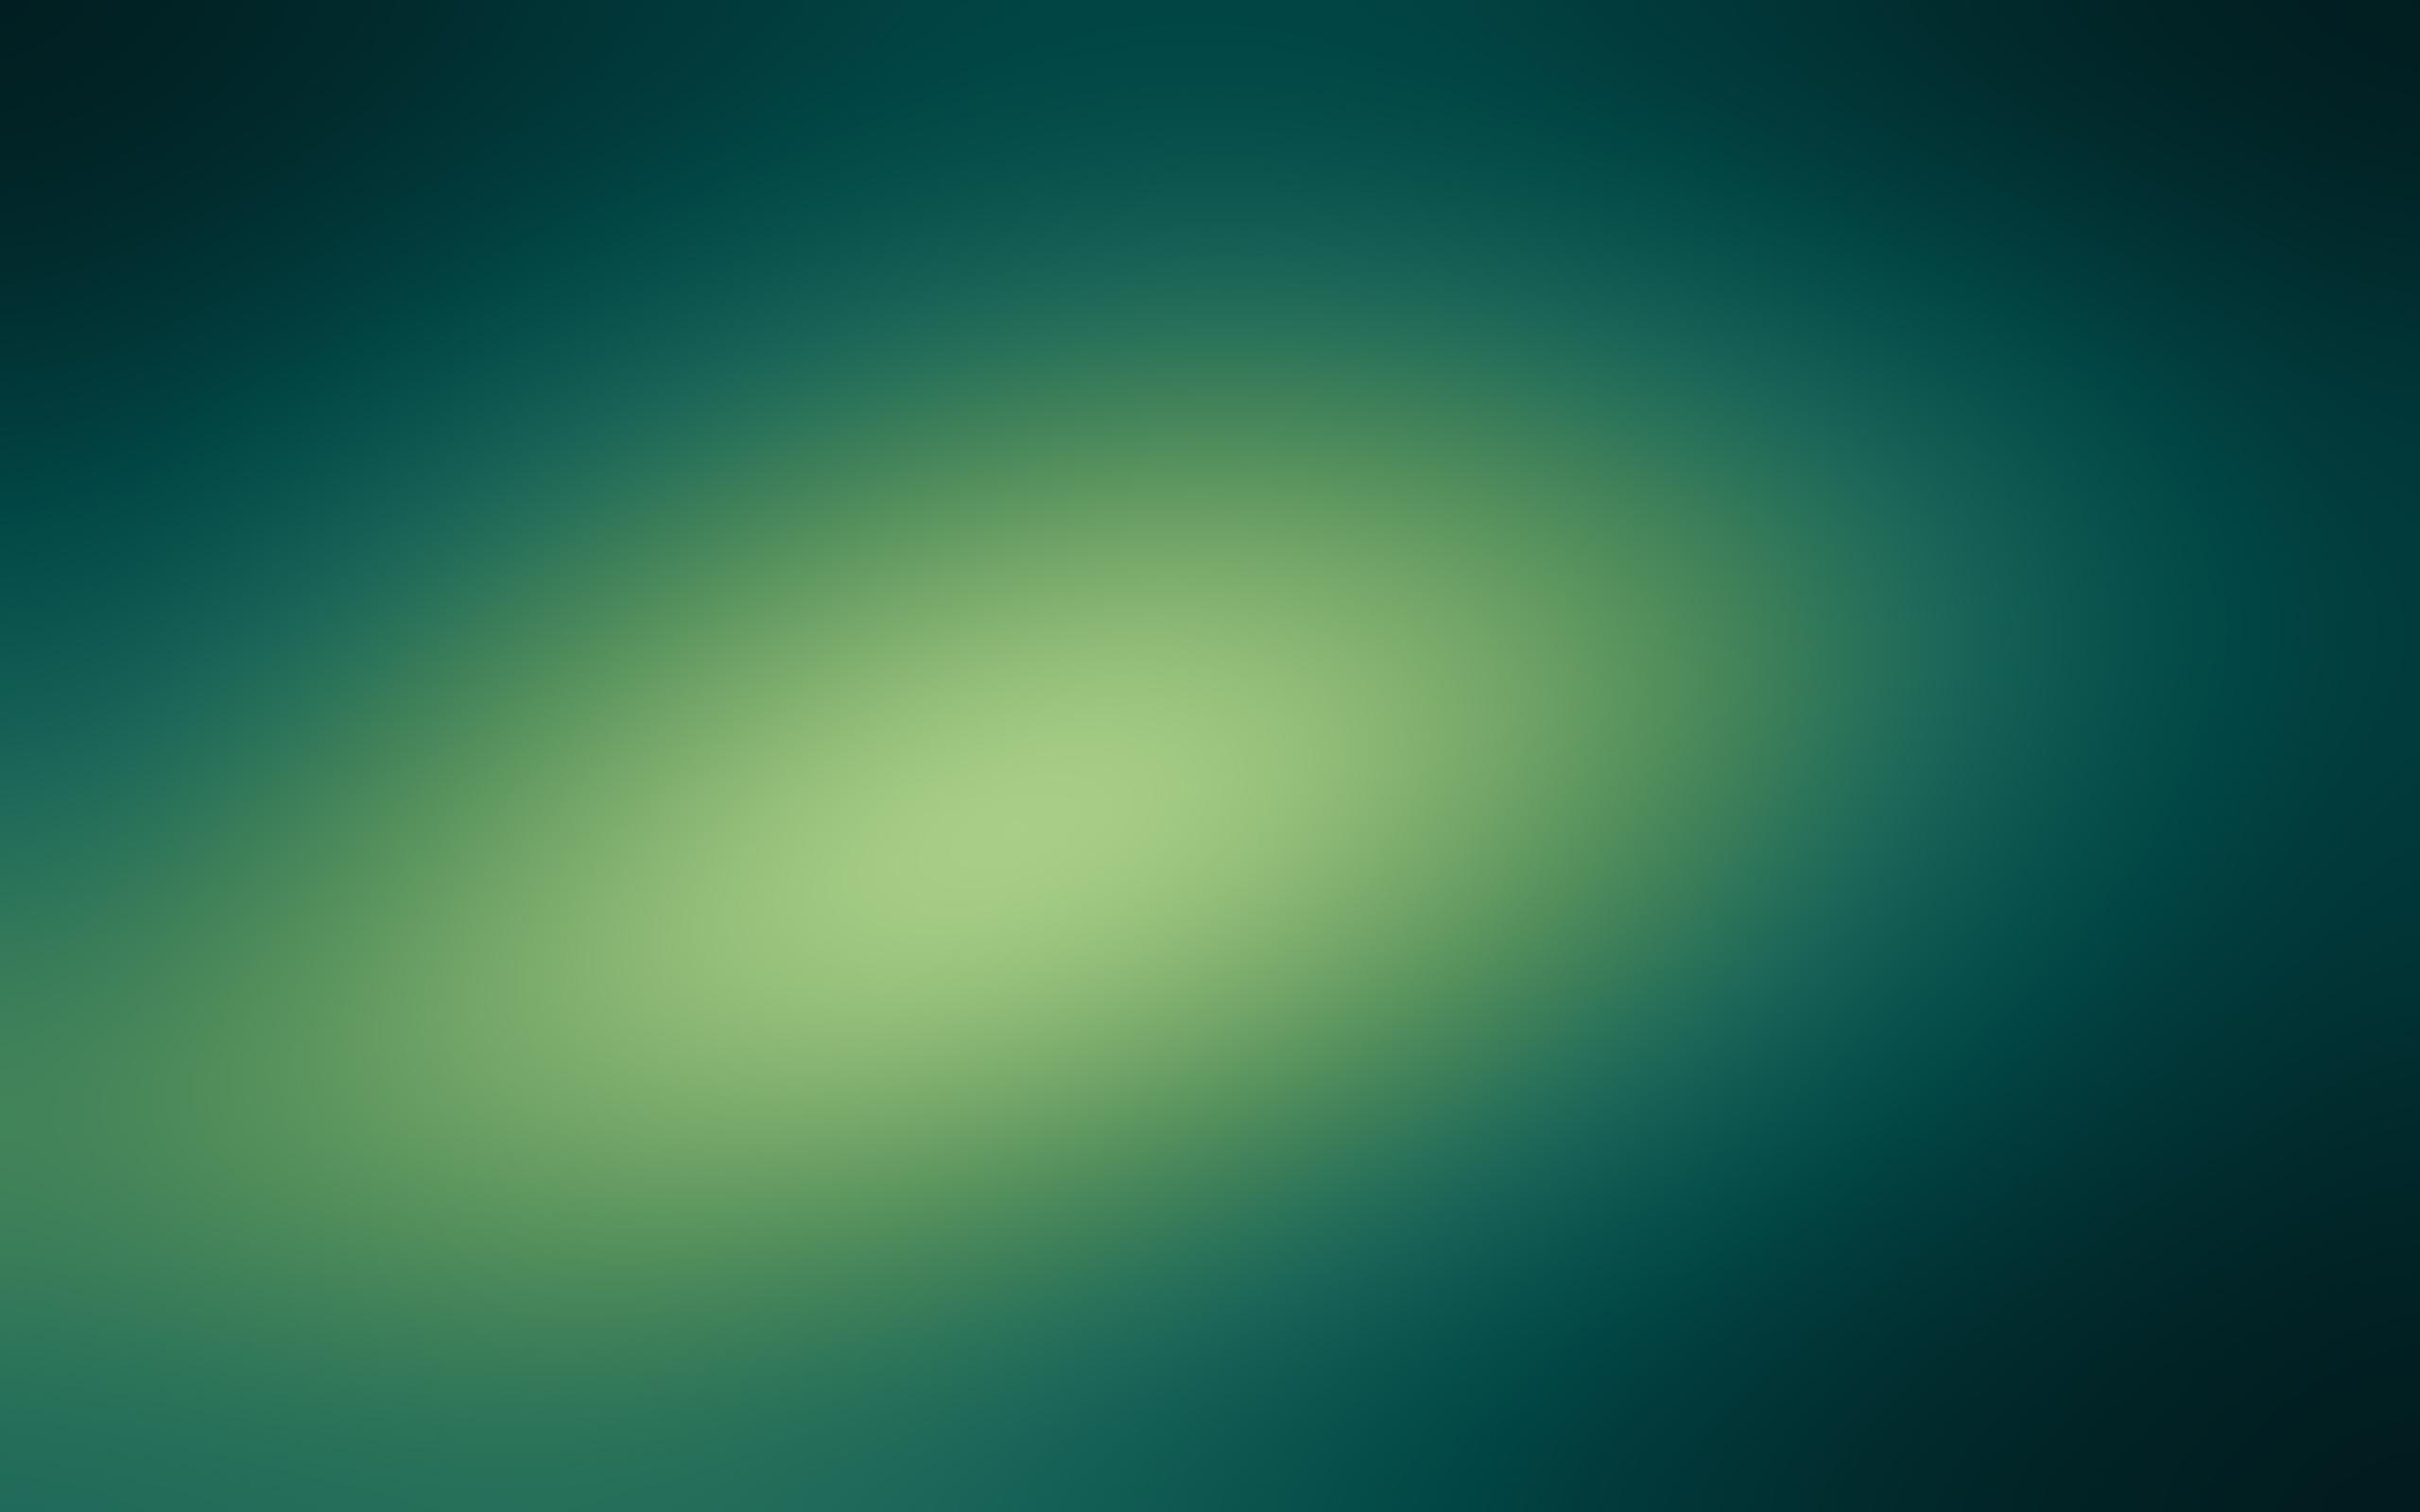 【高清图】绿色渐变抽象简约宽屏桌面壁纸 第9页-zol